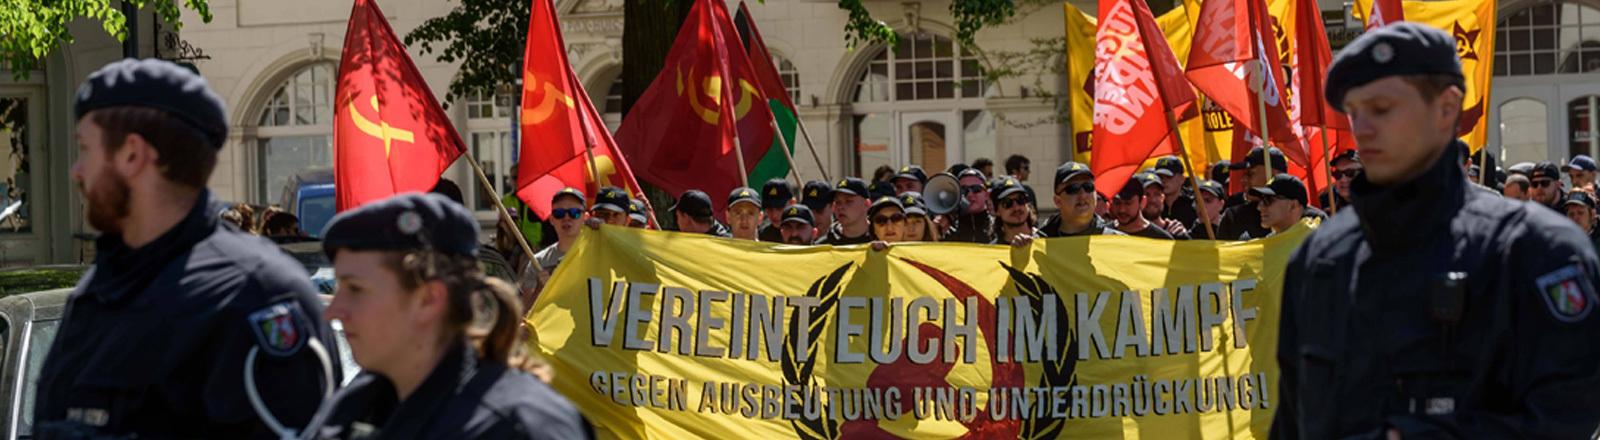 Demonstration der linksradikalen Gruppierung Jugendwiderstand und anderer Pro-Palästina-Gruppen zum 1. Mai 2018 in Berlin-Neukölln.